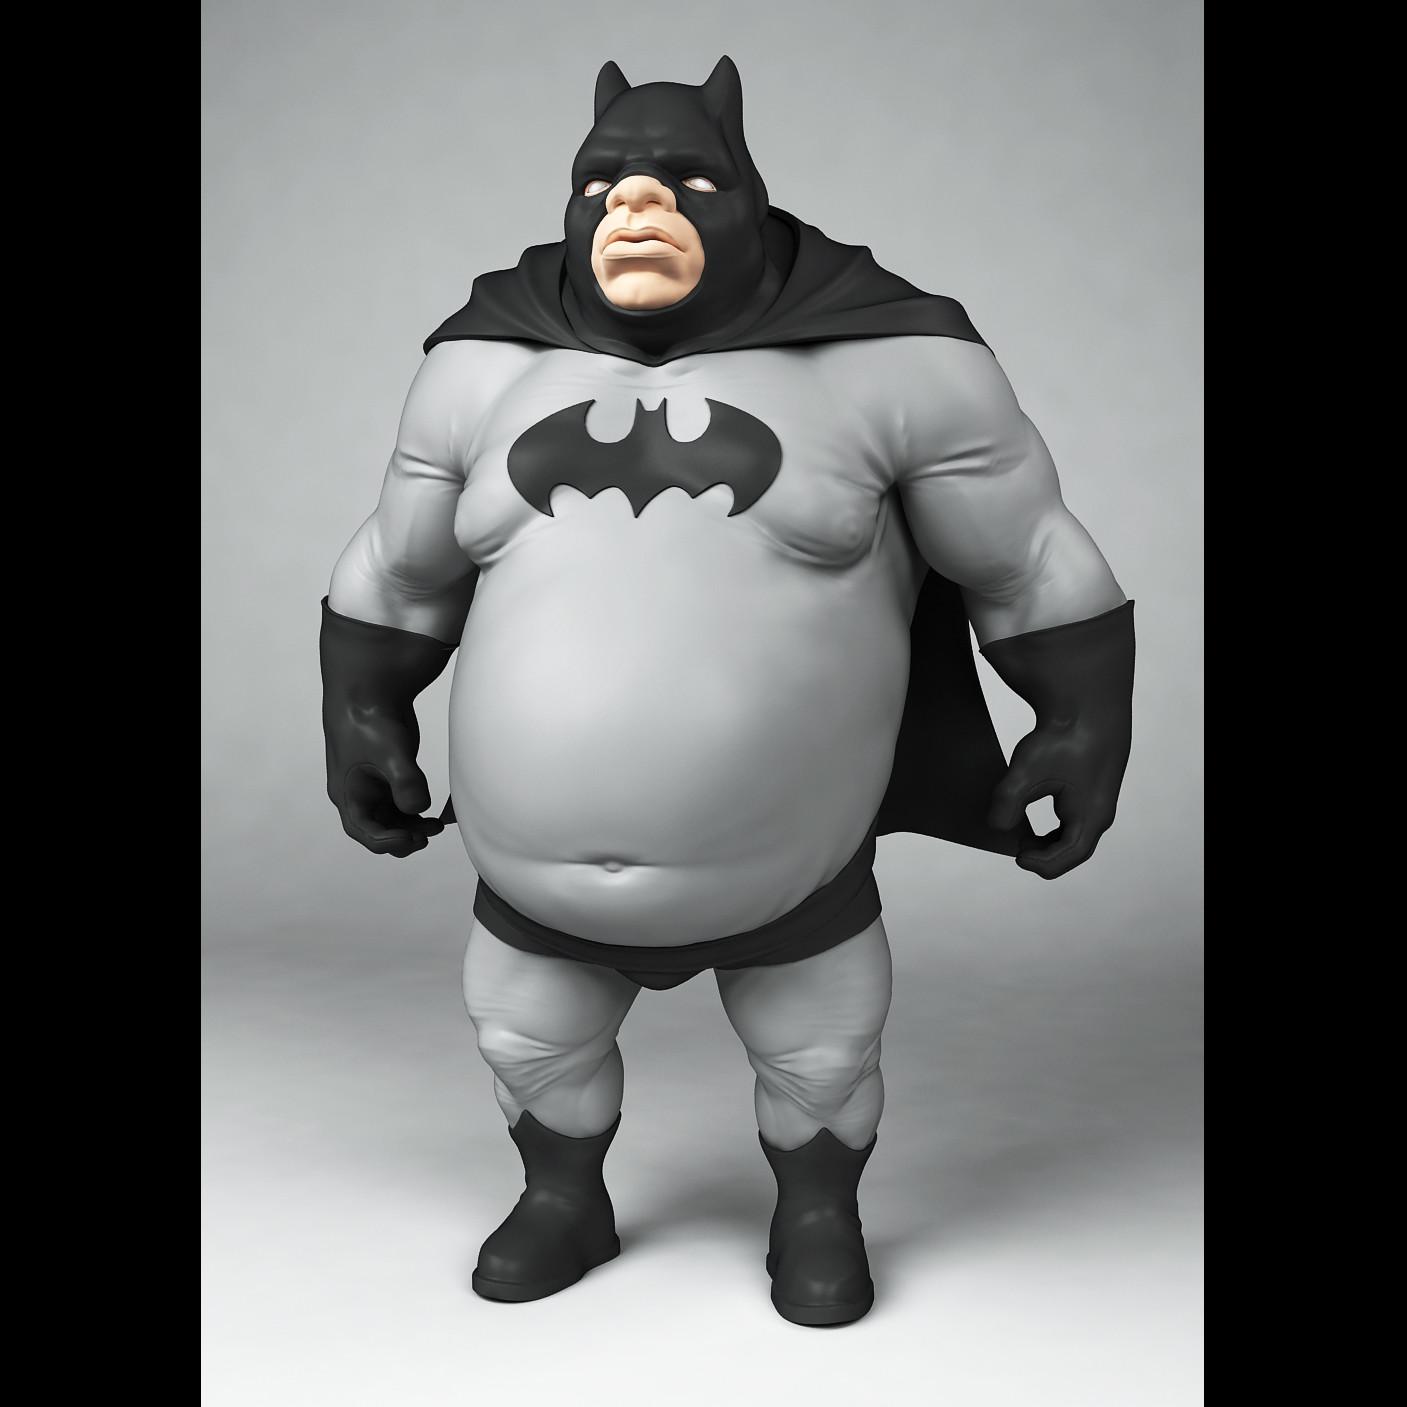 Жирный бэтмен картинки